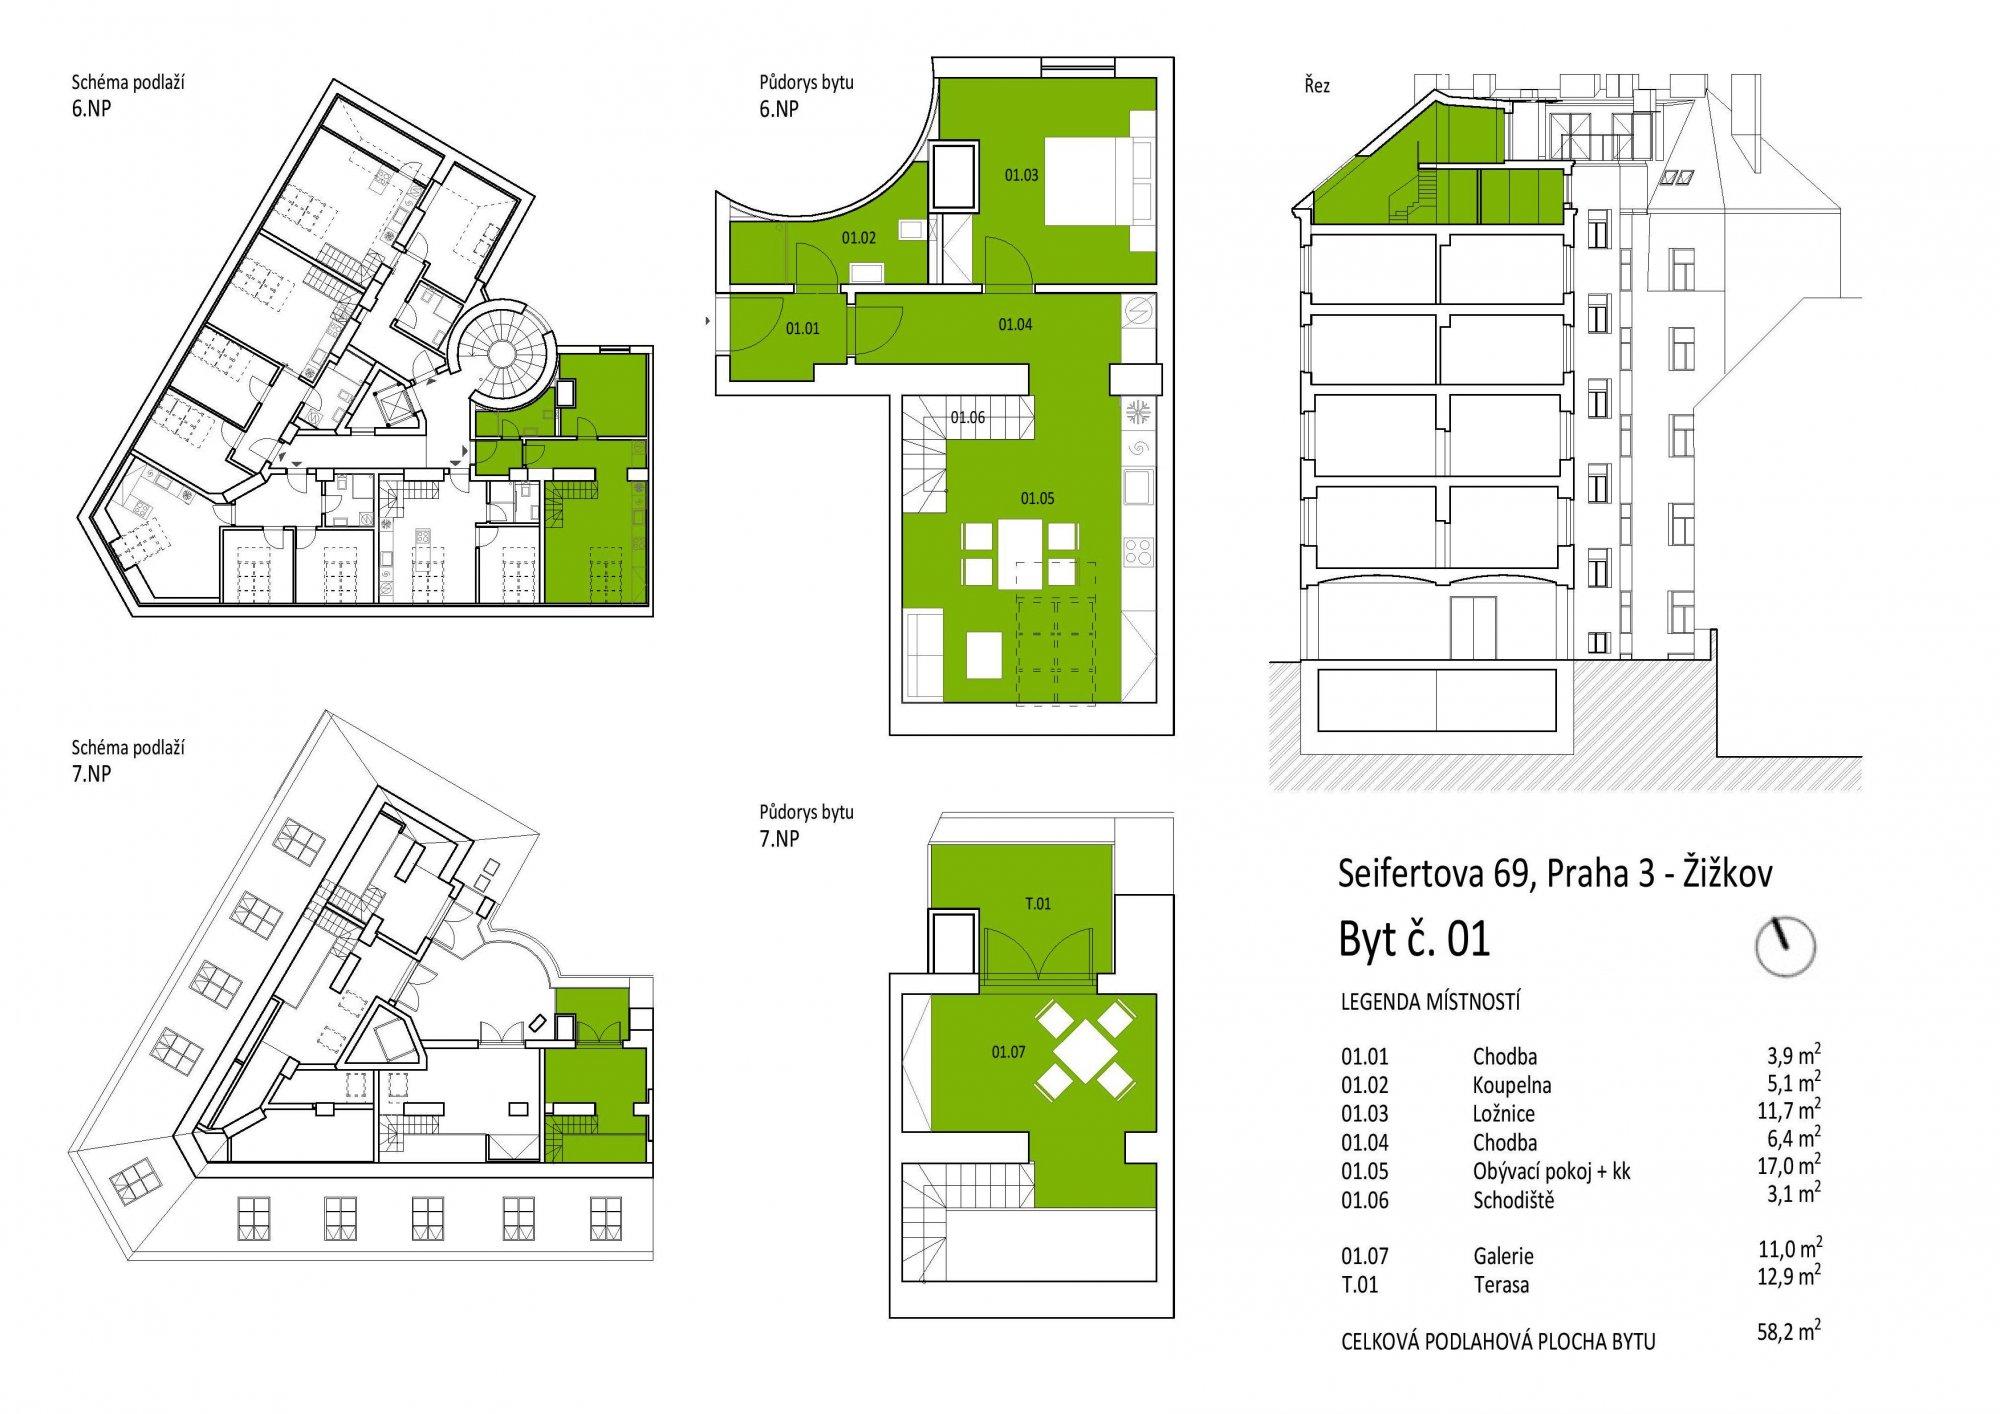 Půdní byt 2+kk, plocha 71 m², Seifertova, Praha 3 - Žižkov